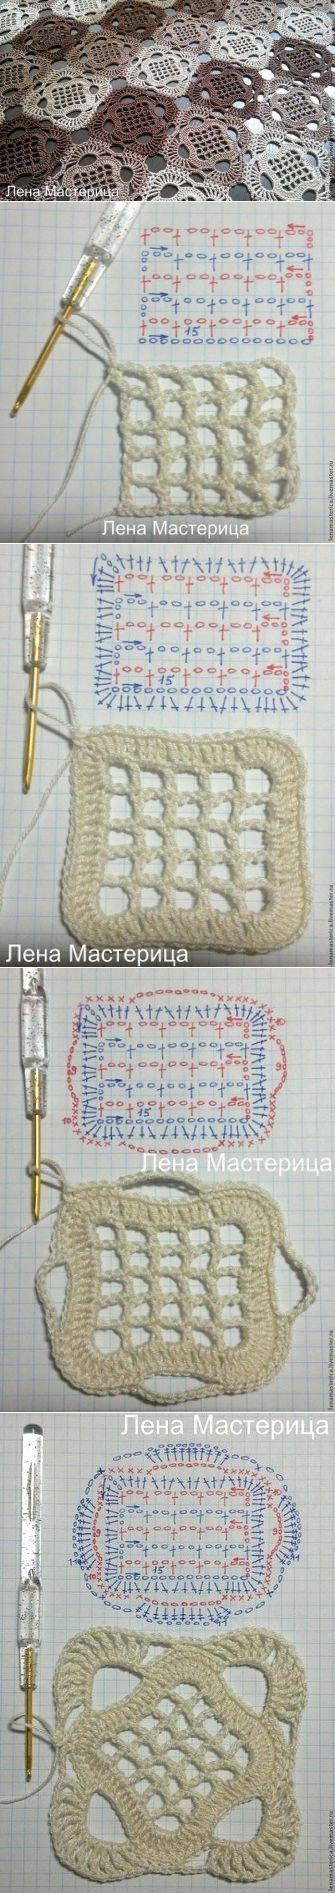 Crochê em módulo - com gráfico